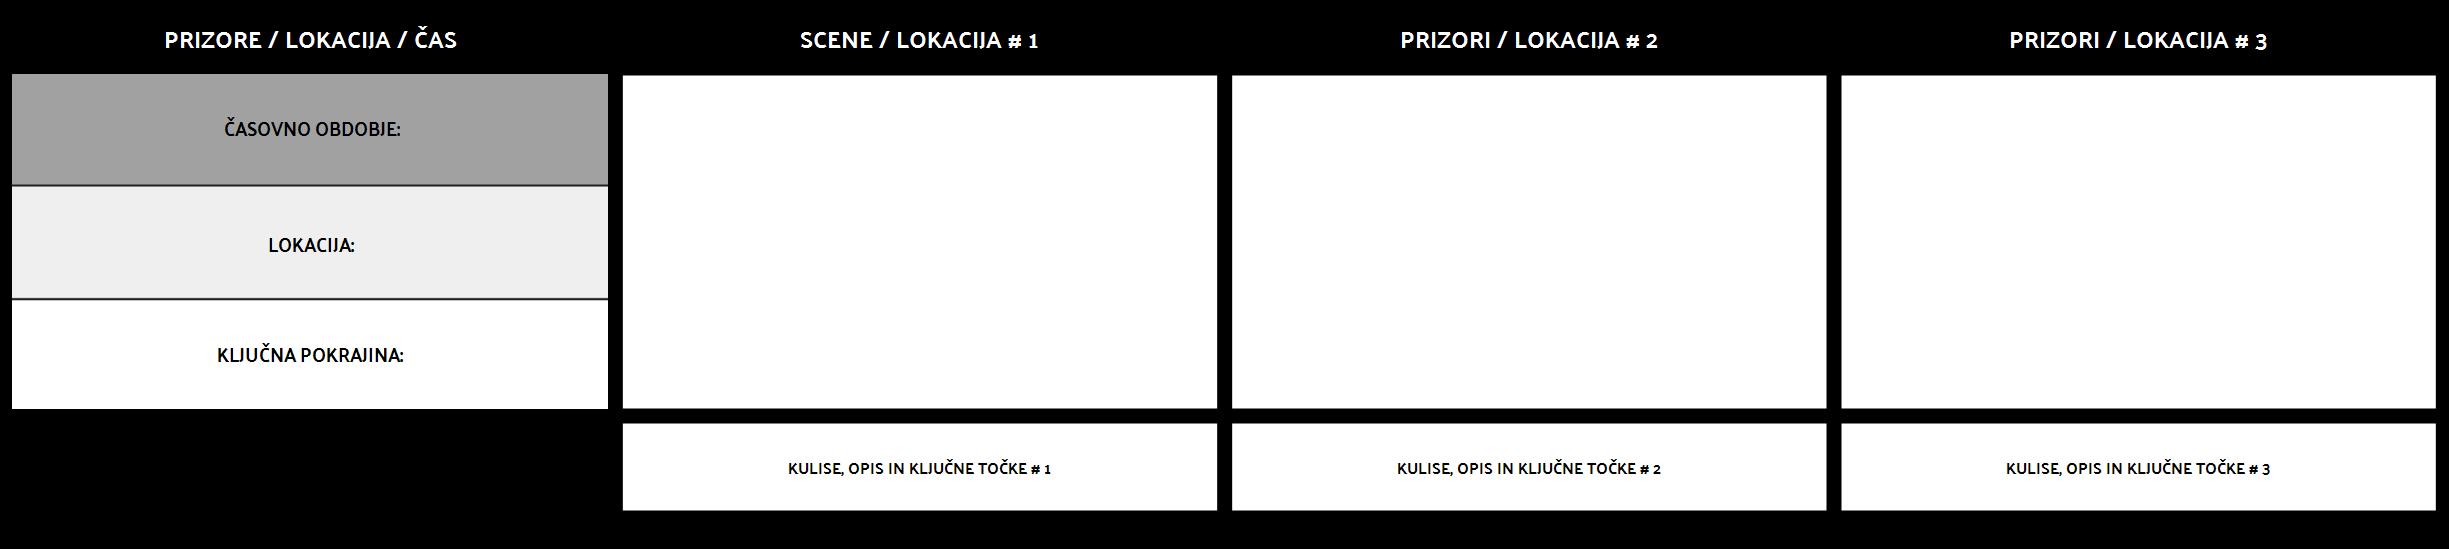 Primer Načrtovalca Prizorov